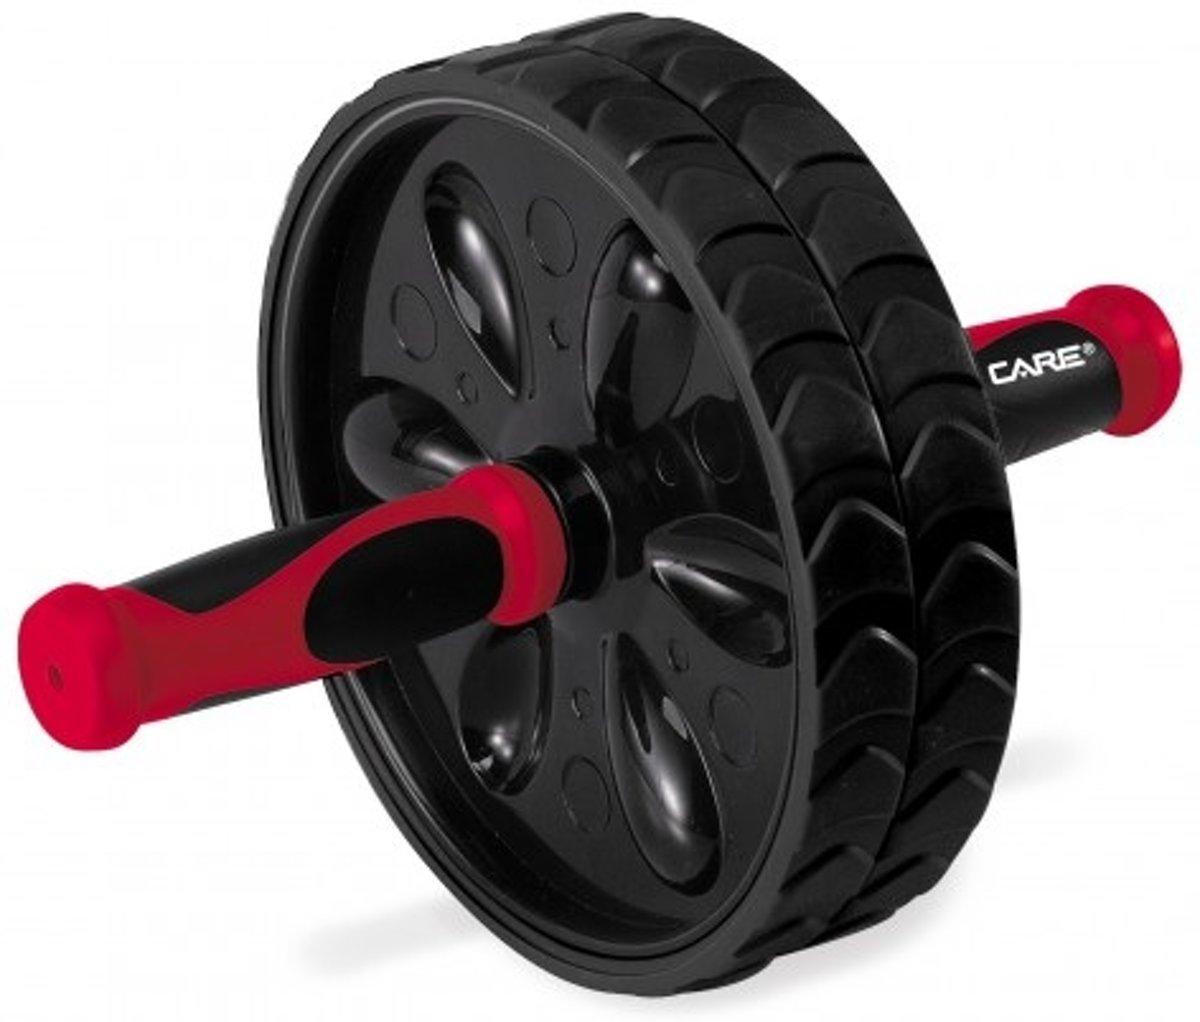 Care Fitness - Ab wheel - Buikspier wiel - Ab roller / Core en buikspiertrainer kopen